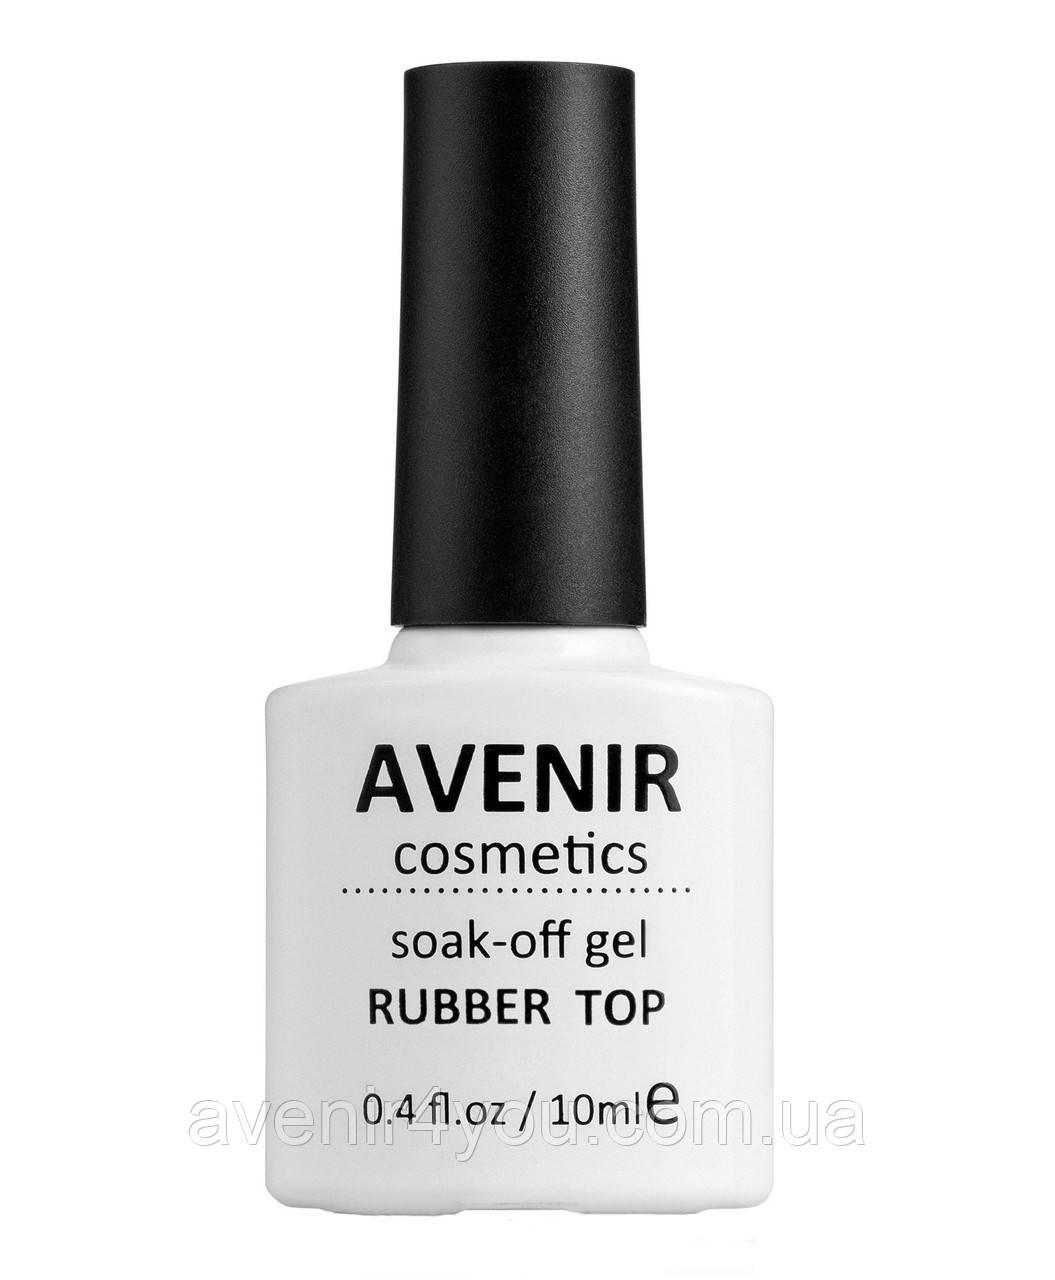 Каучуковый топ для гель лака Rubber Top Avenir Cosmetics